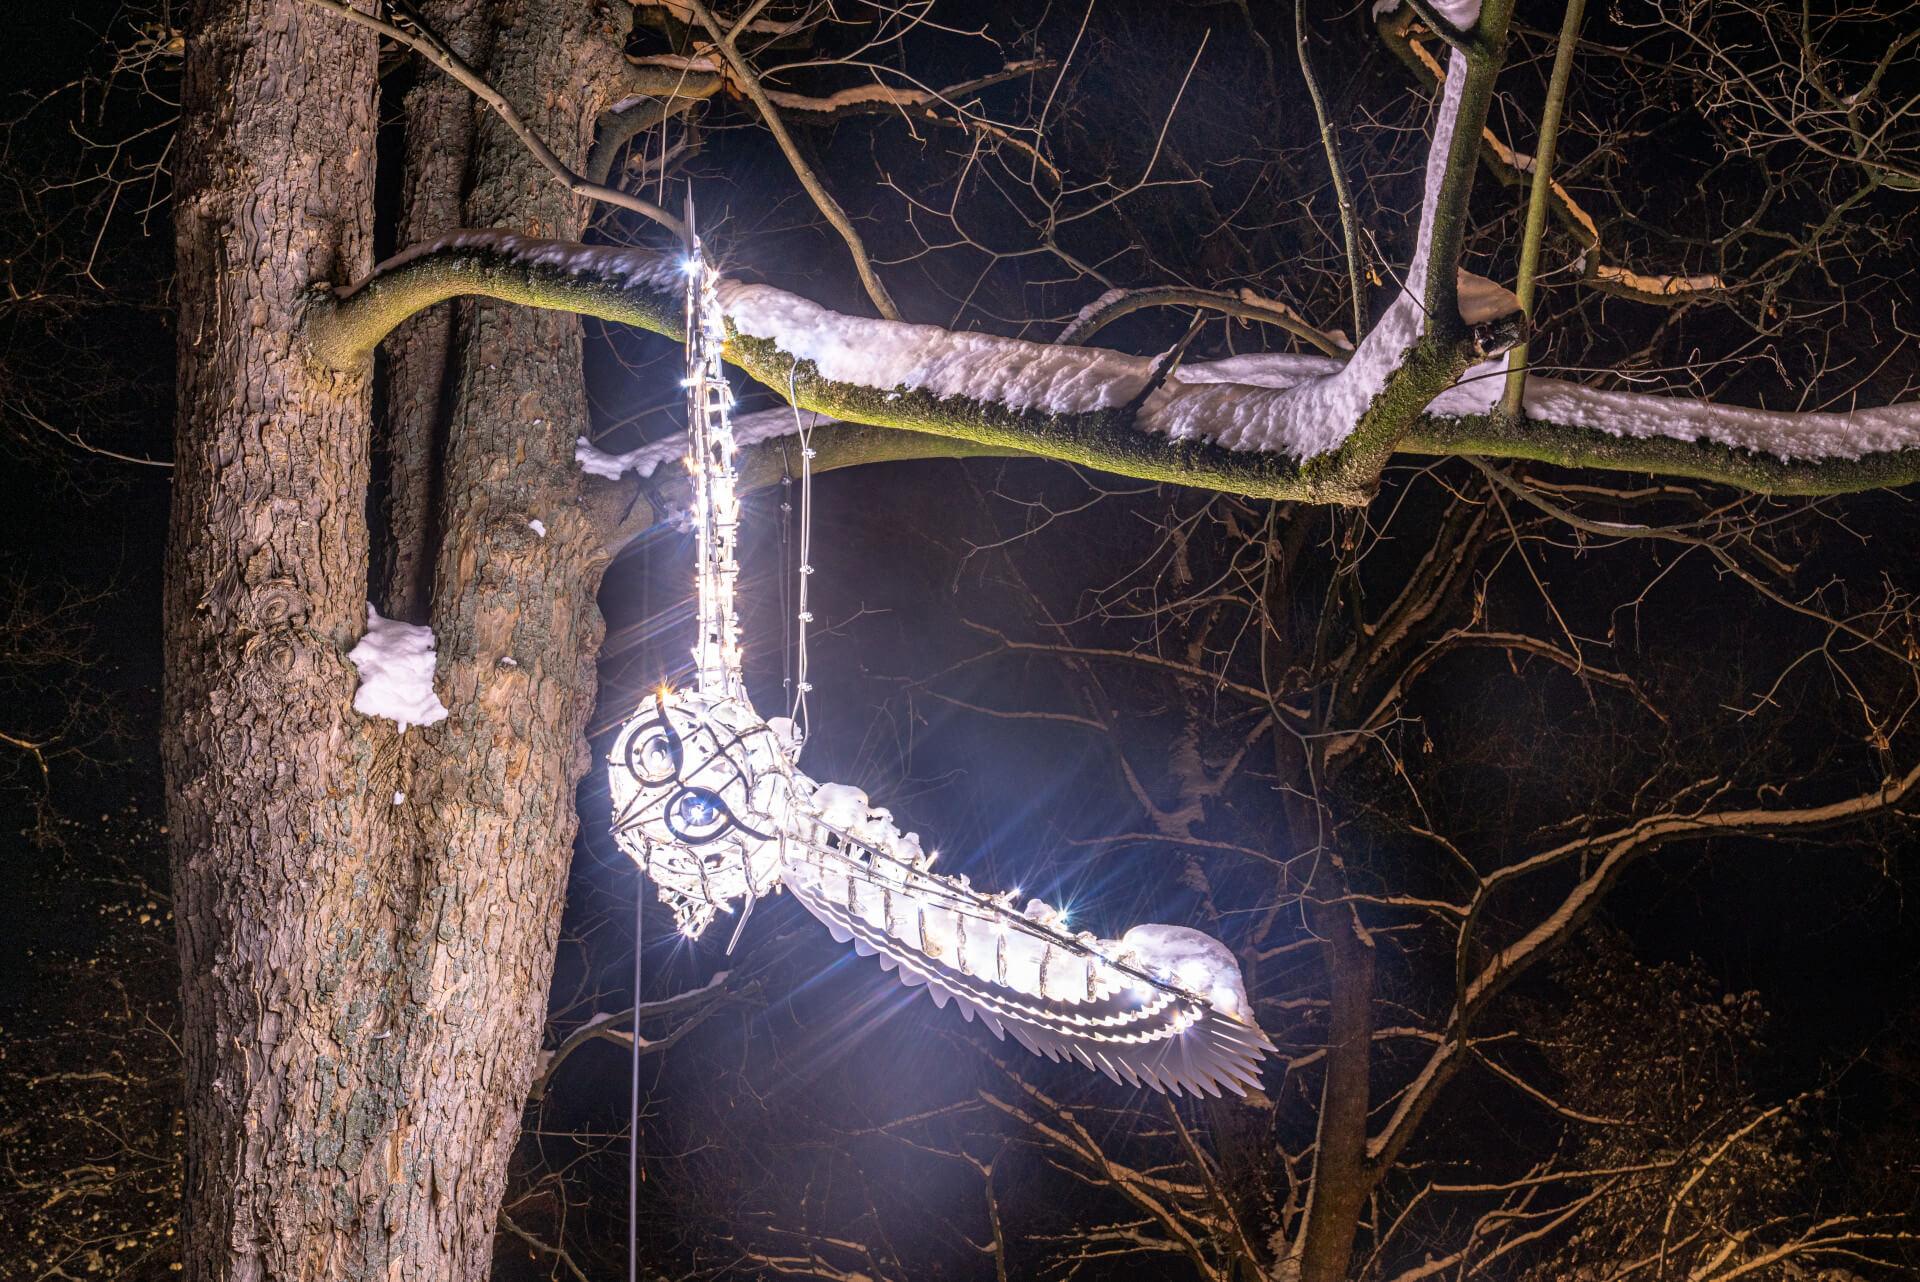 Lichterzauber im Schnee, Eule